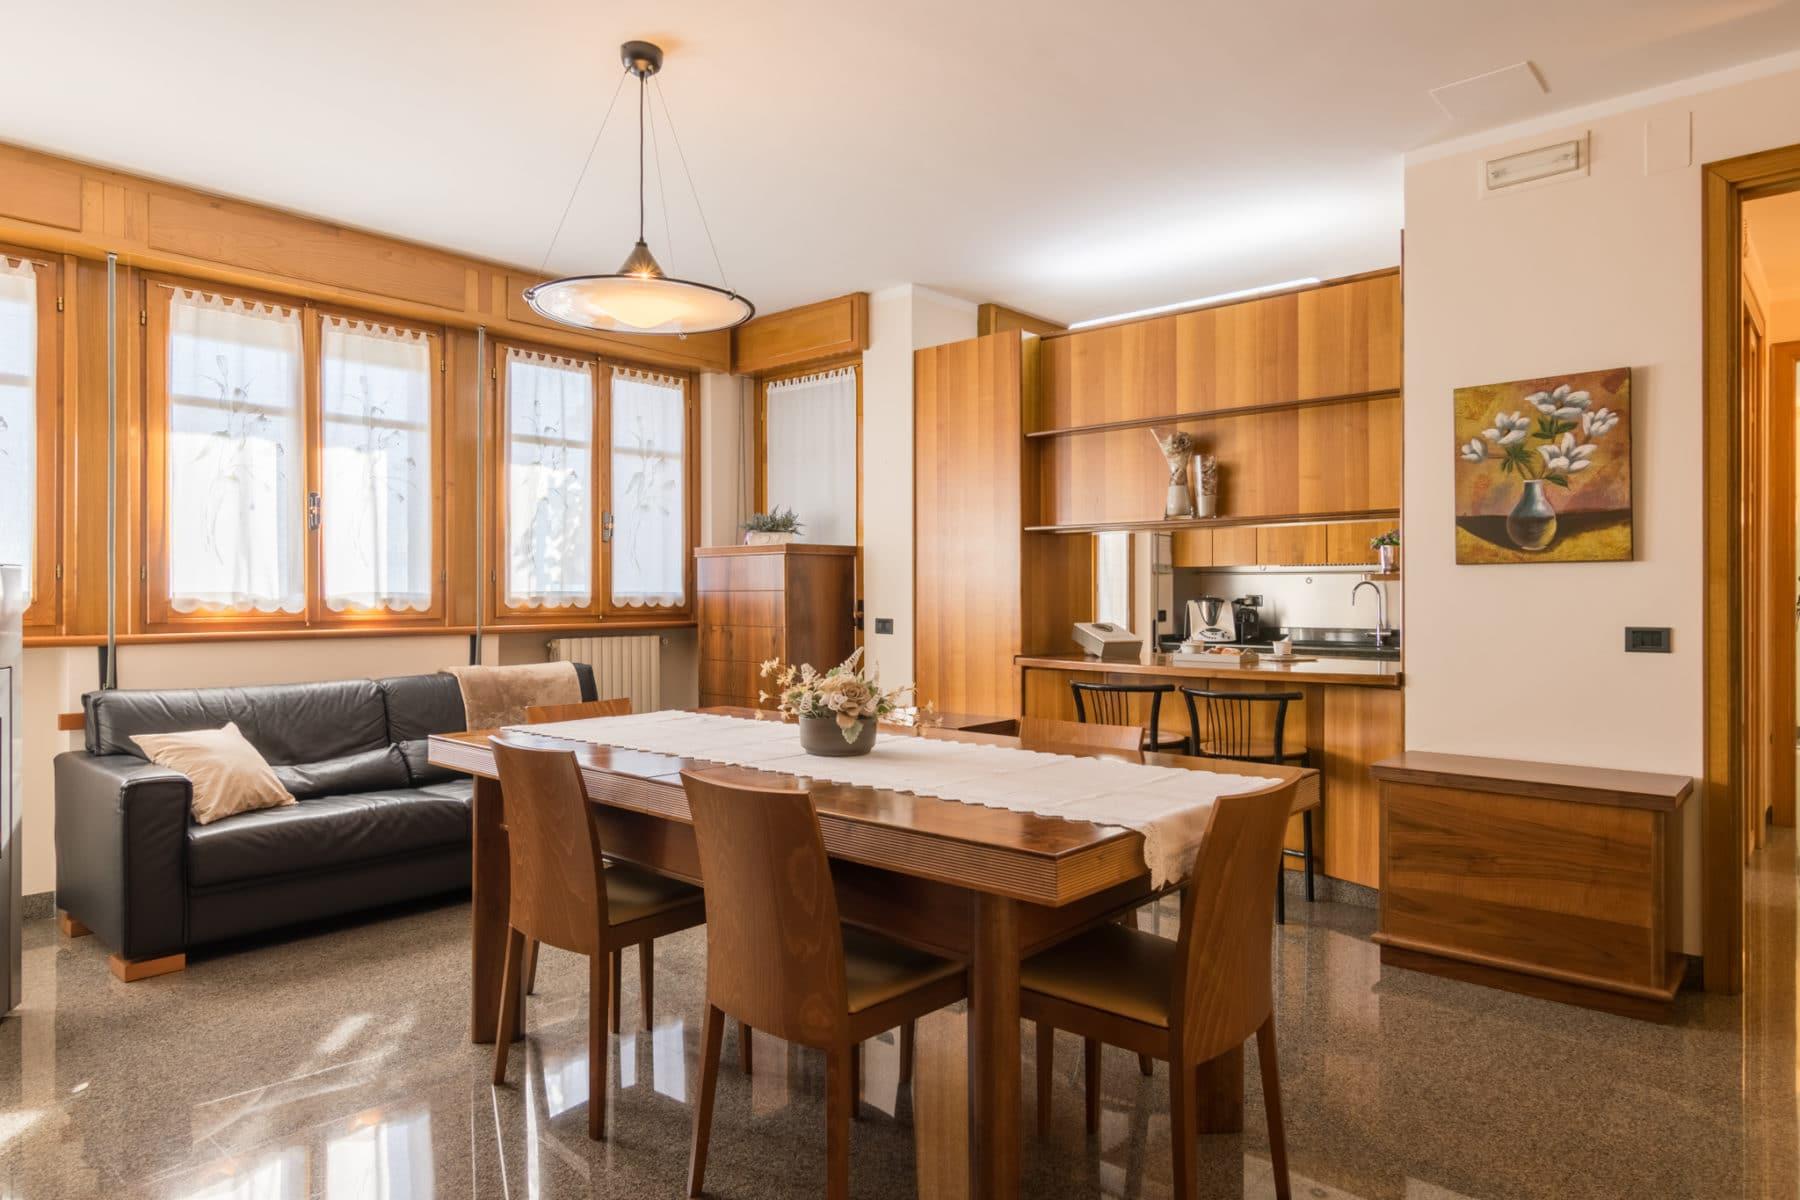 Aumento Valore Immobile Ristrutturato home staging: affittare o vendere immobili - micro interior